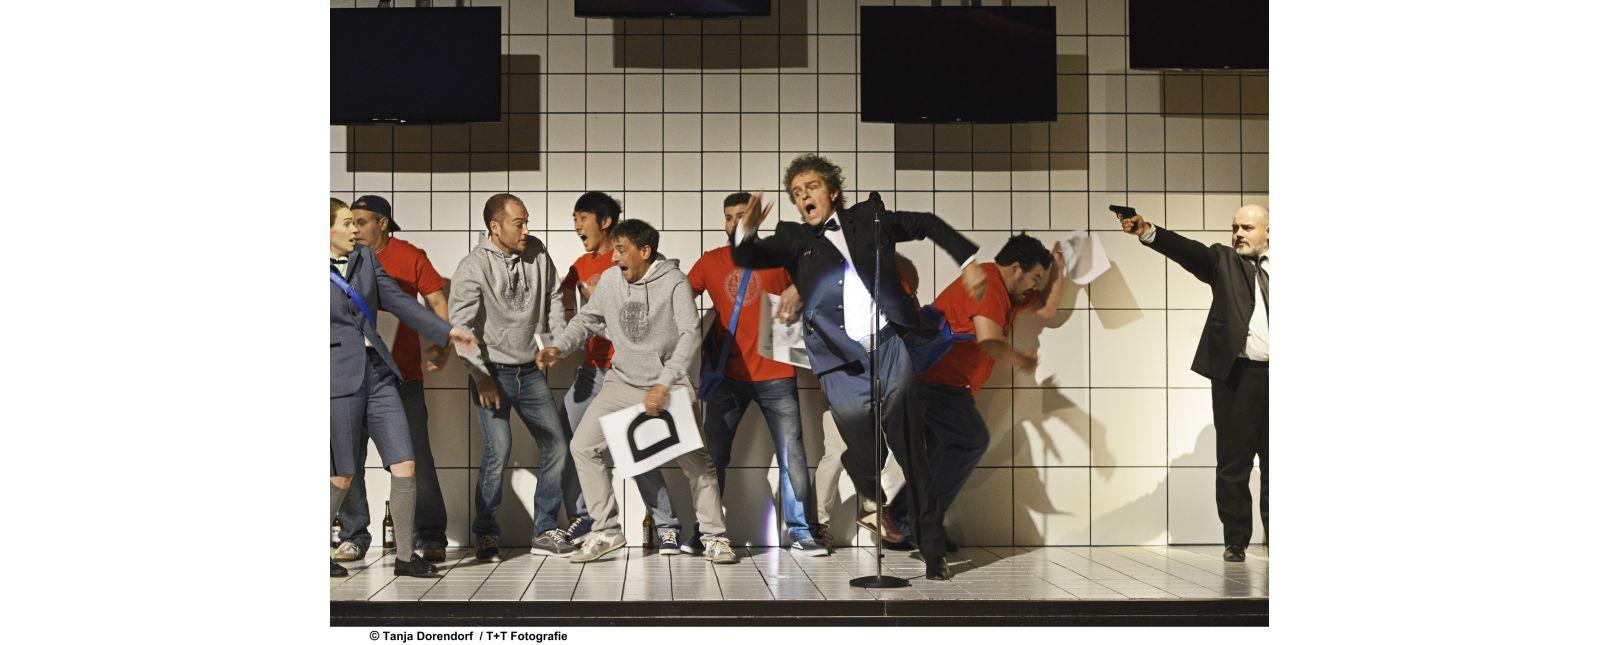 Hoffmanns Erzählungen // Inga Schäfer, Rolf Romei, Roberto Gionfriddo, Opernchor des Theater Freiburg // 2017 // Tanja Dorendorf